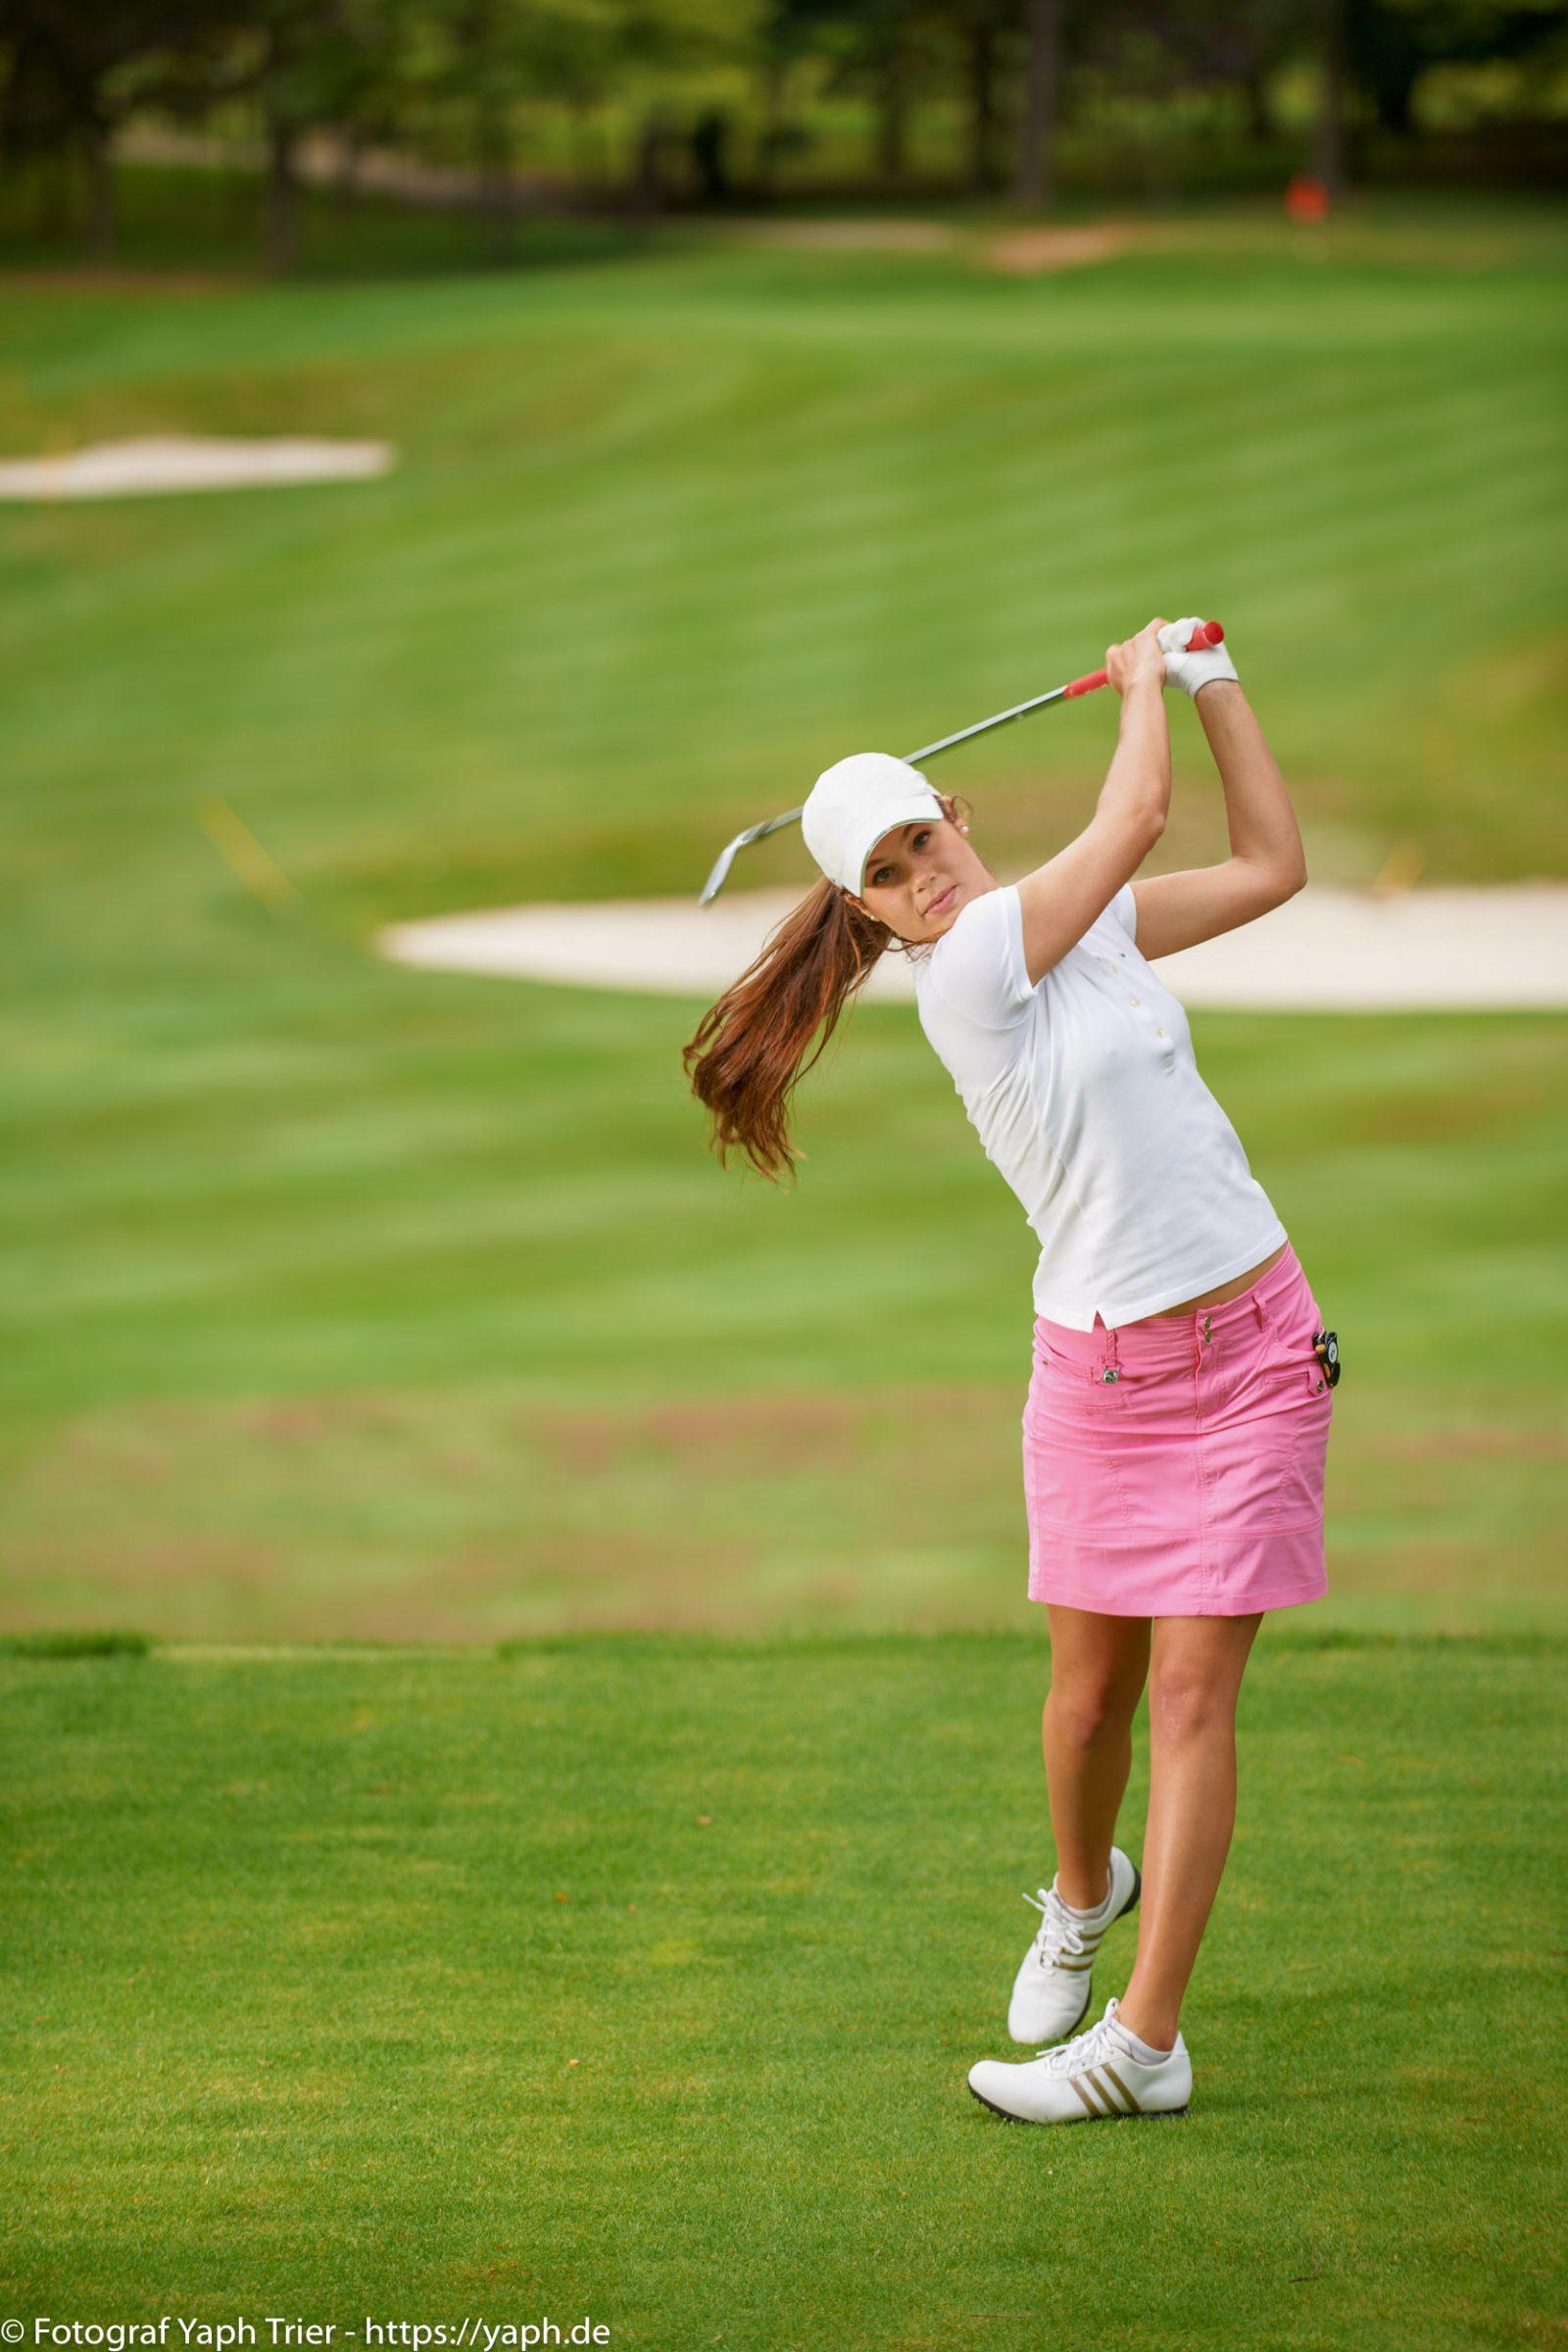 Liebelei Elena Lawrence - luxemburger Golfspielerin bei Fotograf Yaph - 17